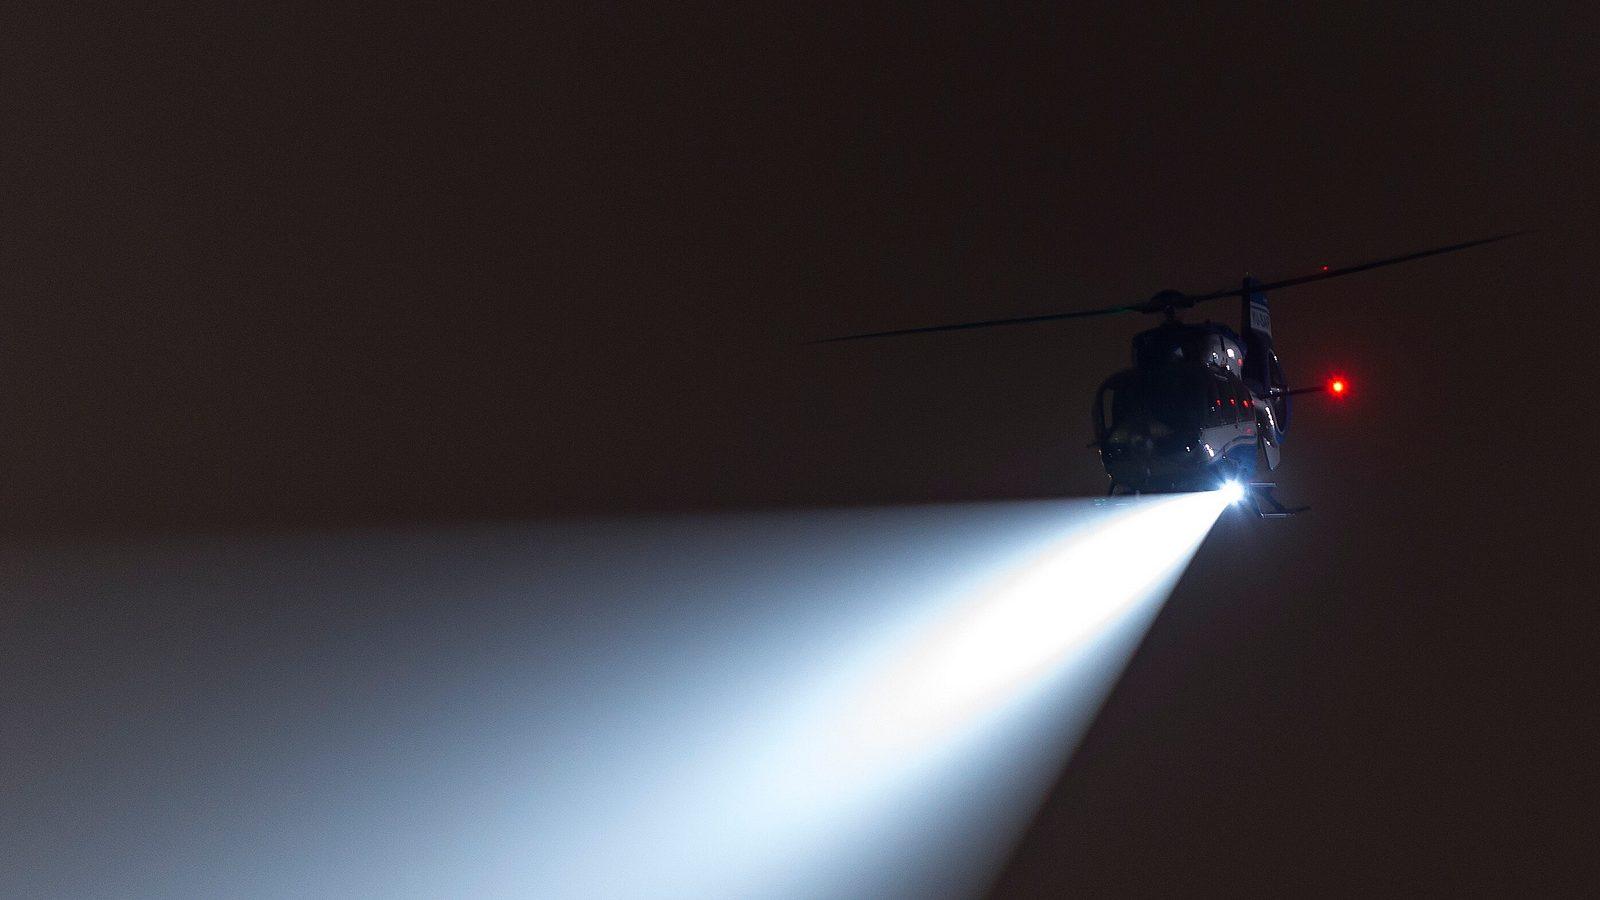 Helikopterska jedinica MUP-a Srbije noću: Strobovi, reflektori, fast rope i nisko letenje